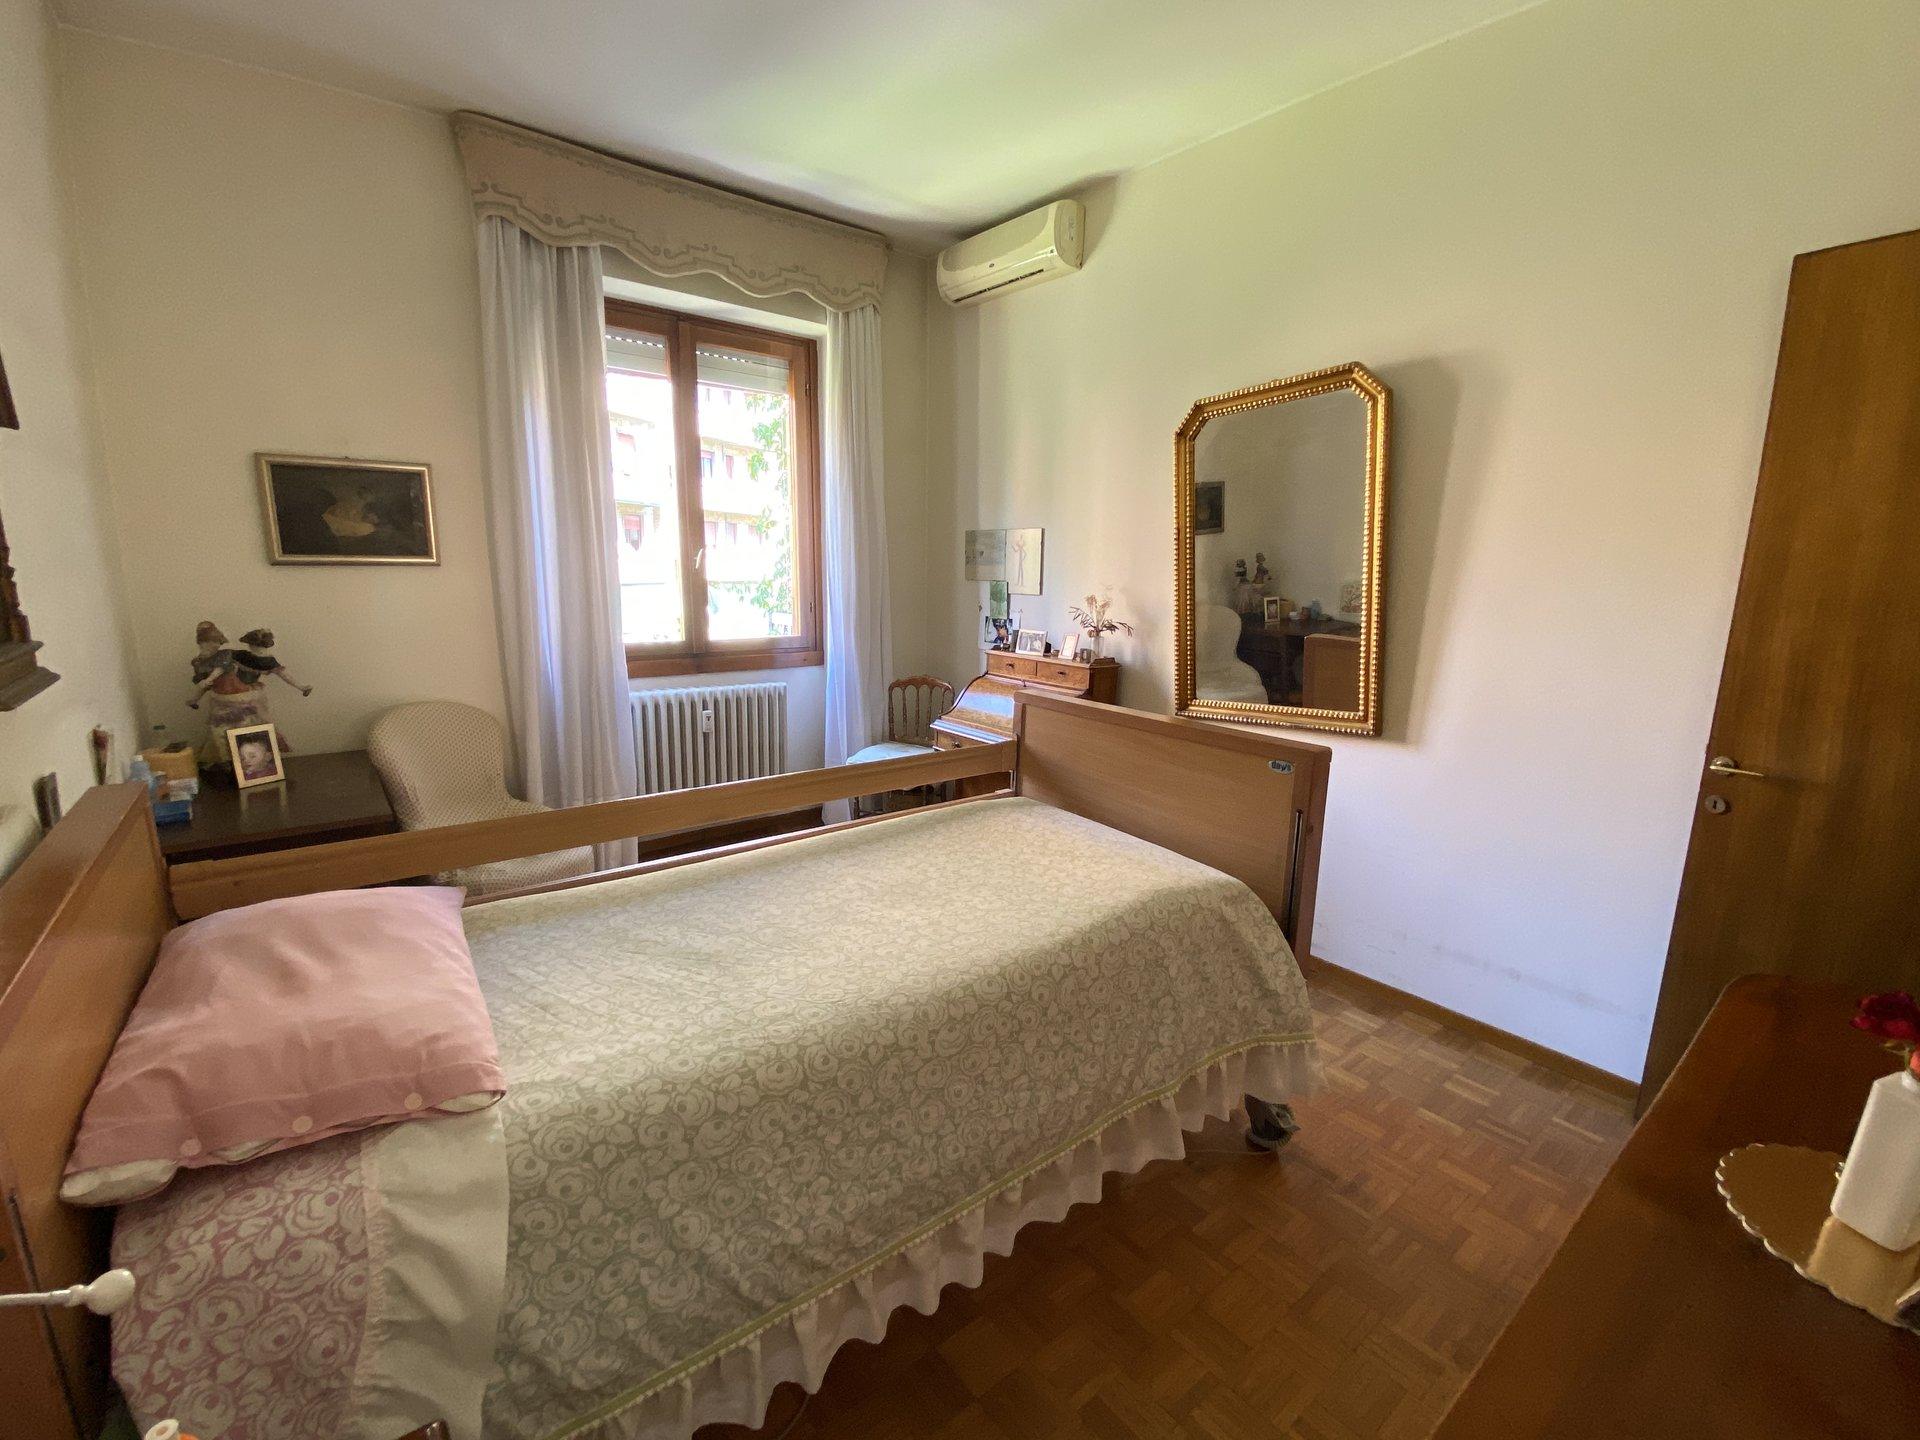 Milano - Viale S. Gimignano : VENDITA  NUDA PROPRIETÀ '